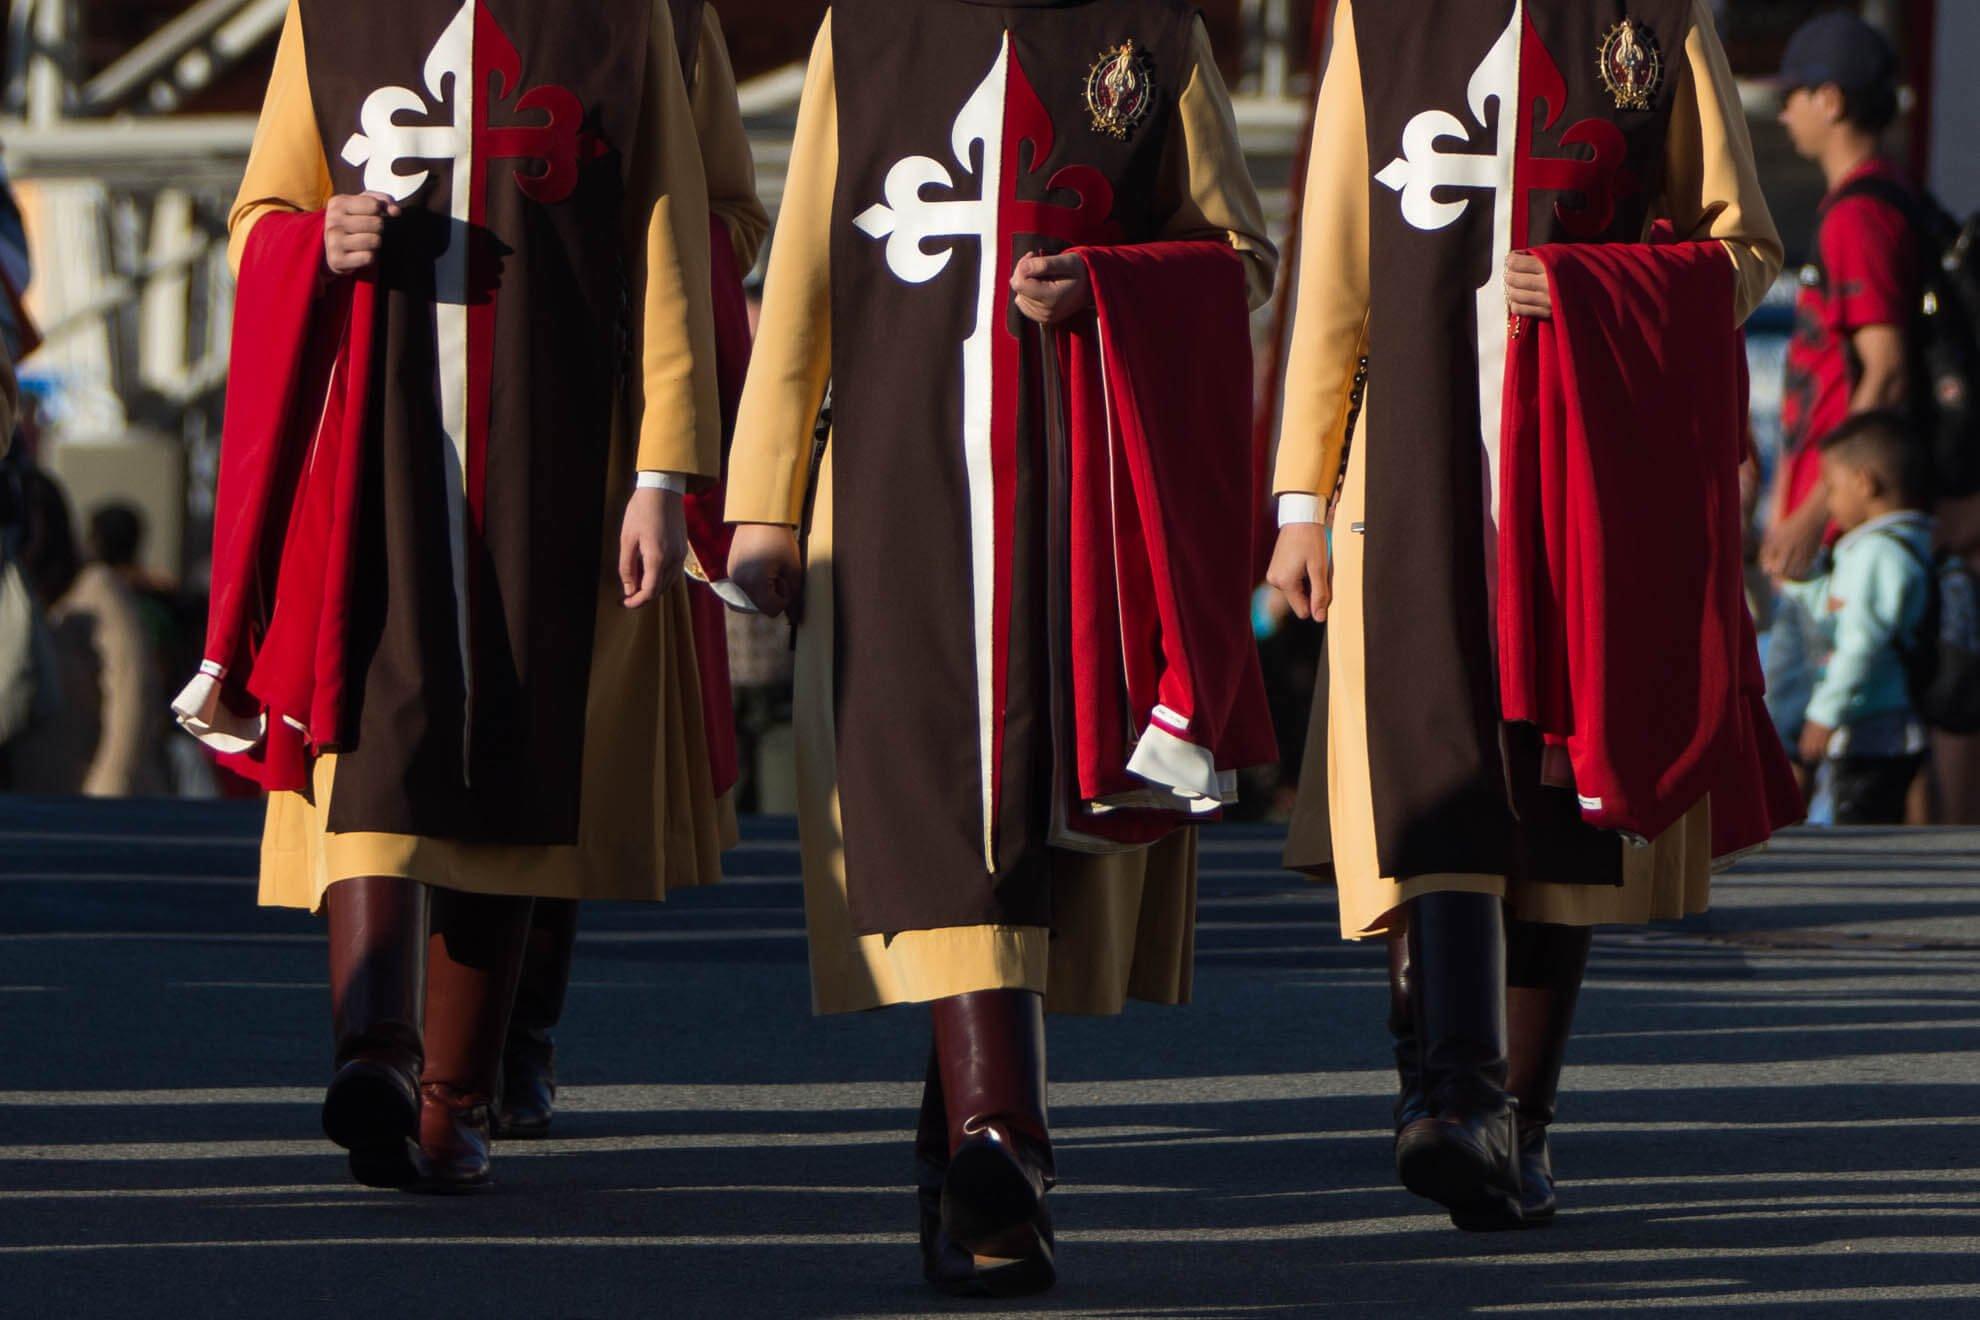 Todos os acessórios usados pelos religiosos, bem como as vestimentas, possuem significado